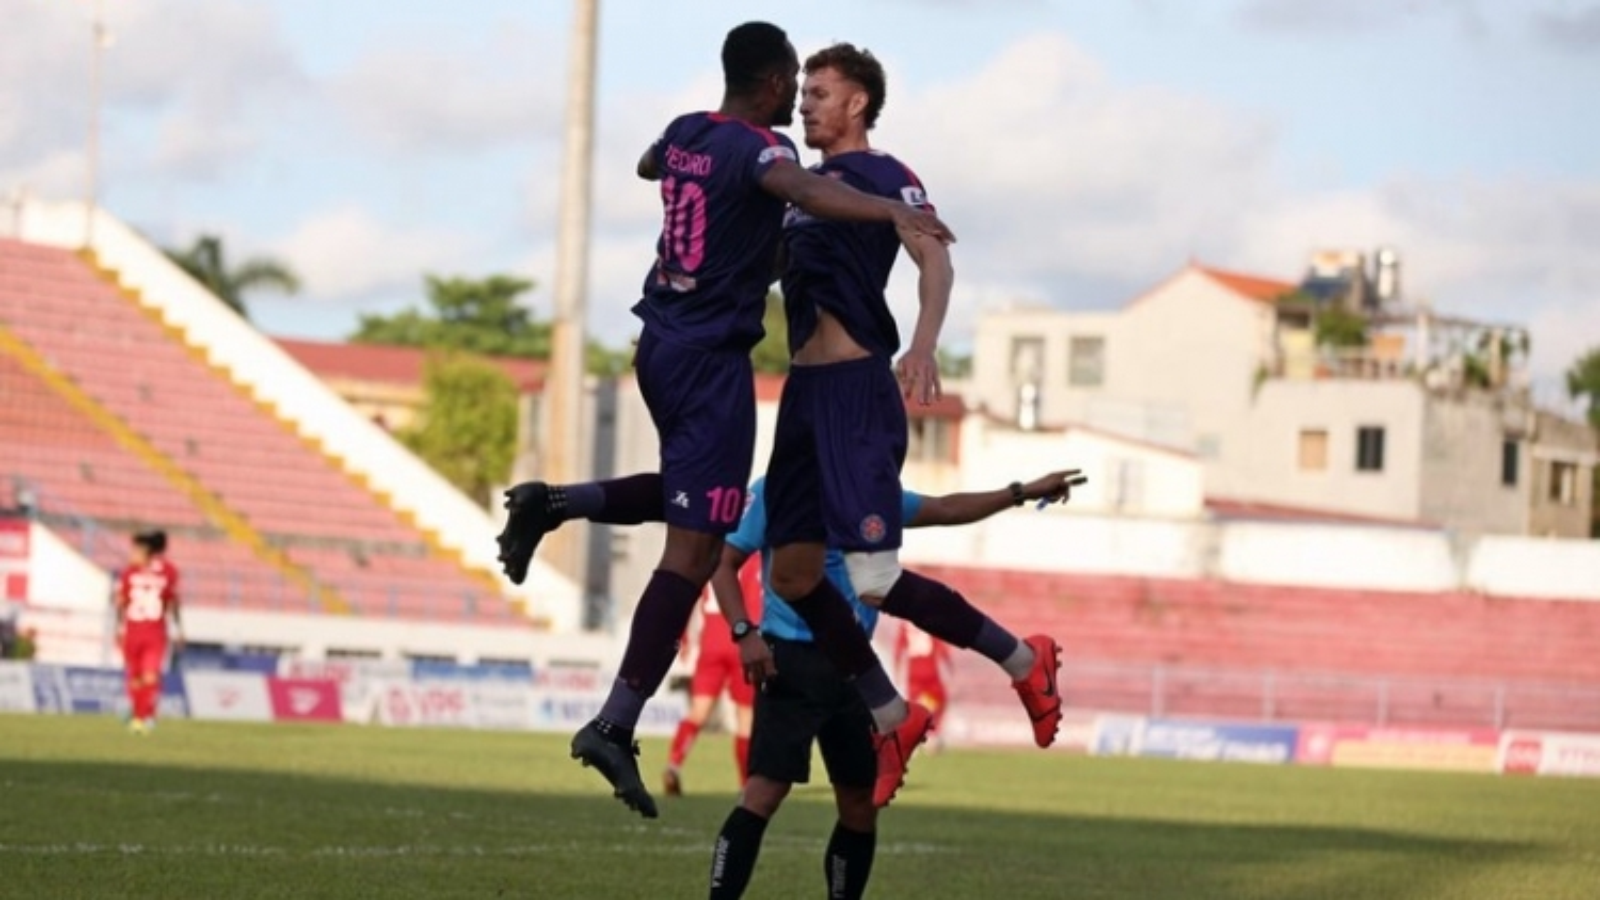 """Sài Gòn FC vẫn """"độc cô cầu bại"""", SLNA thua trận thứ 3 liên tiếp"""